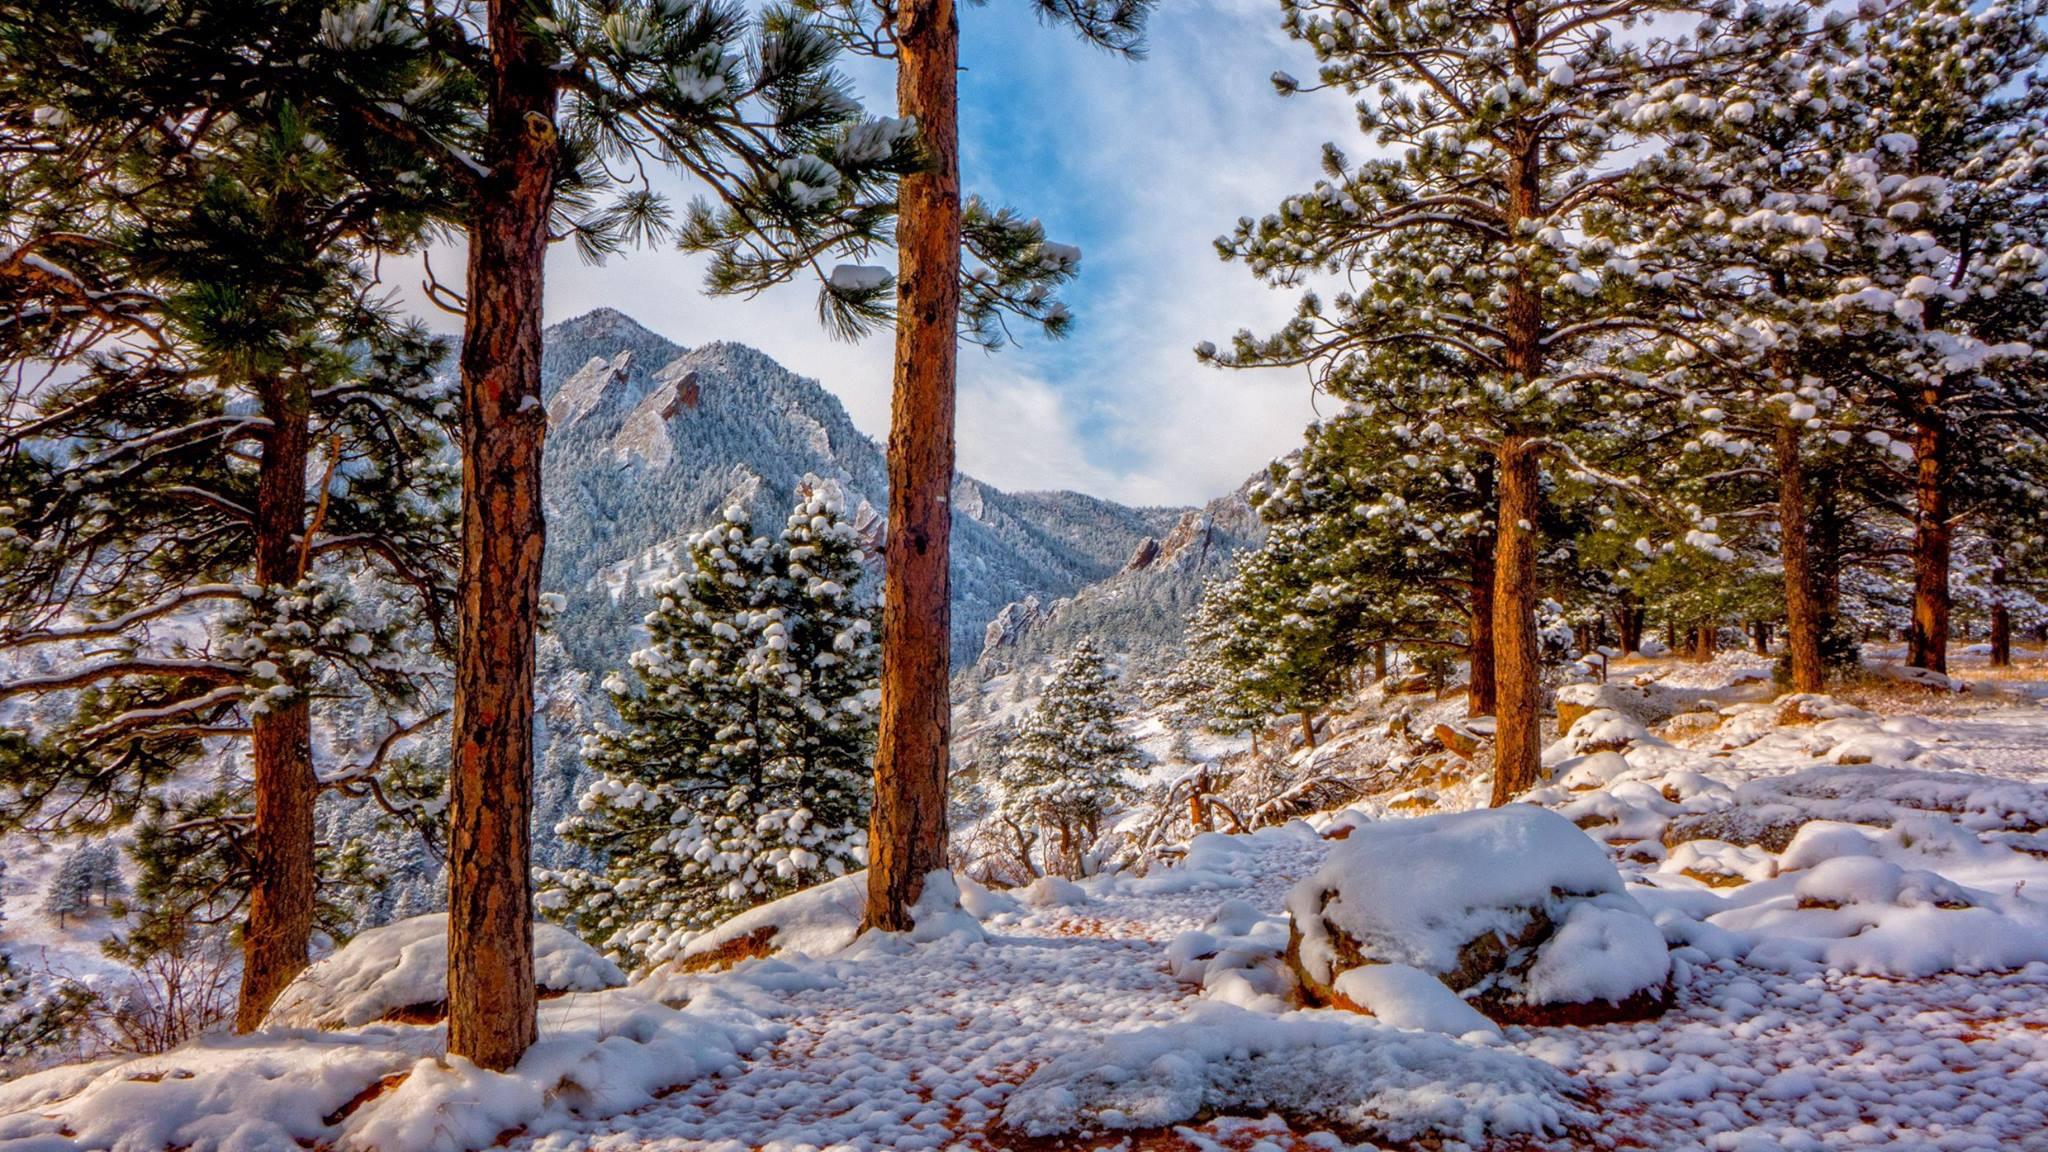 заснеженные деревья в горах  № 355846 загрузить